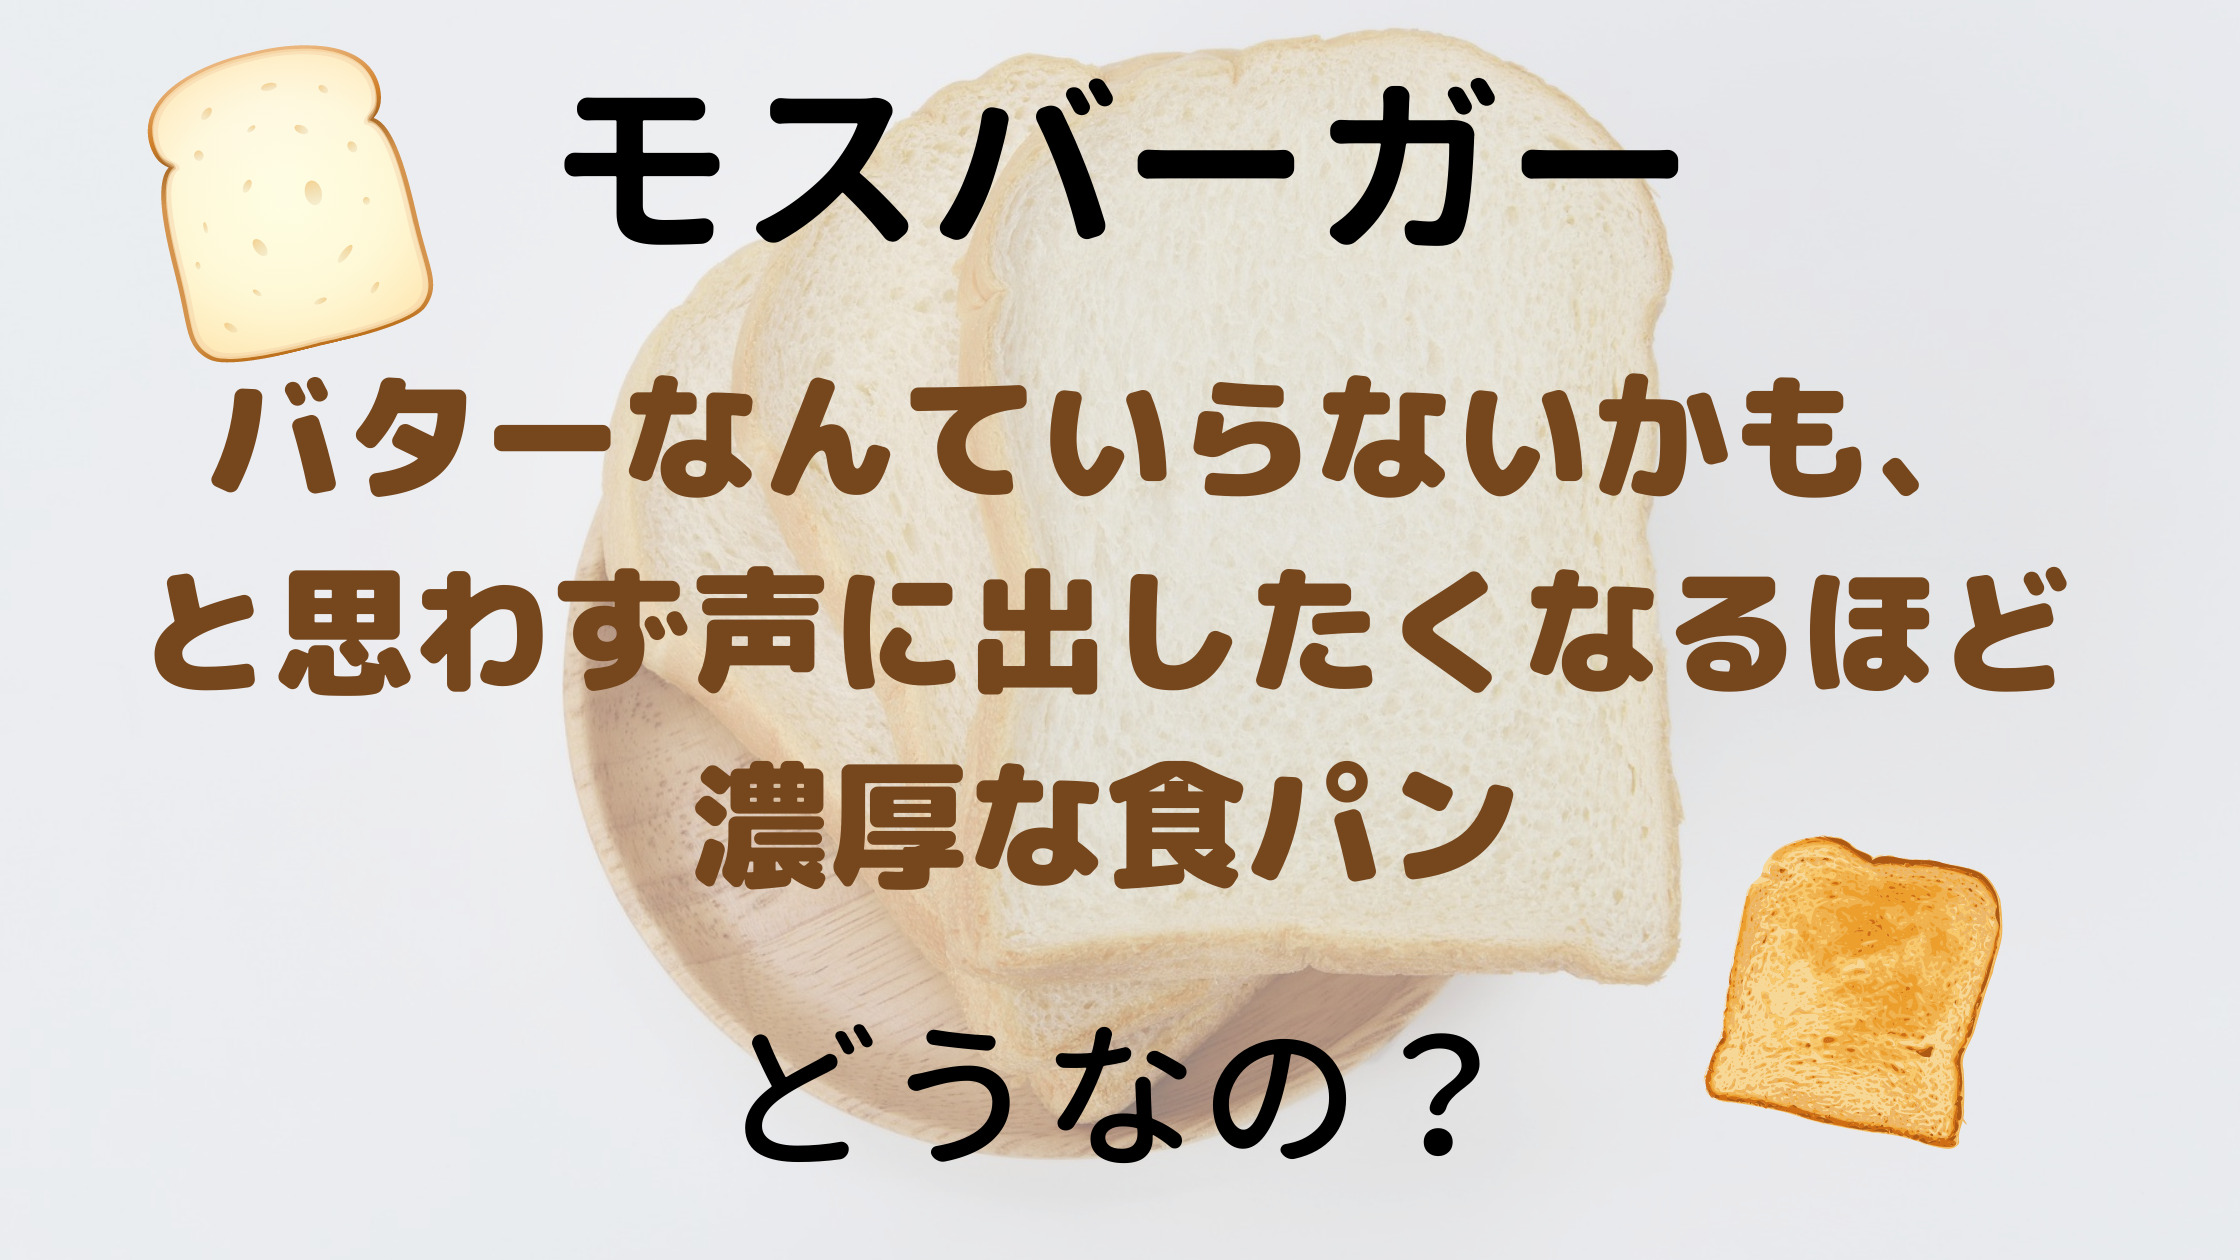 モスバーガー 食パン 販売 店 モスバーガーから濃厚食パン!広島での販売店舗一覧、予約の仕方や口...